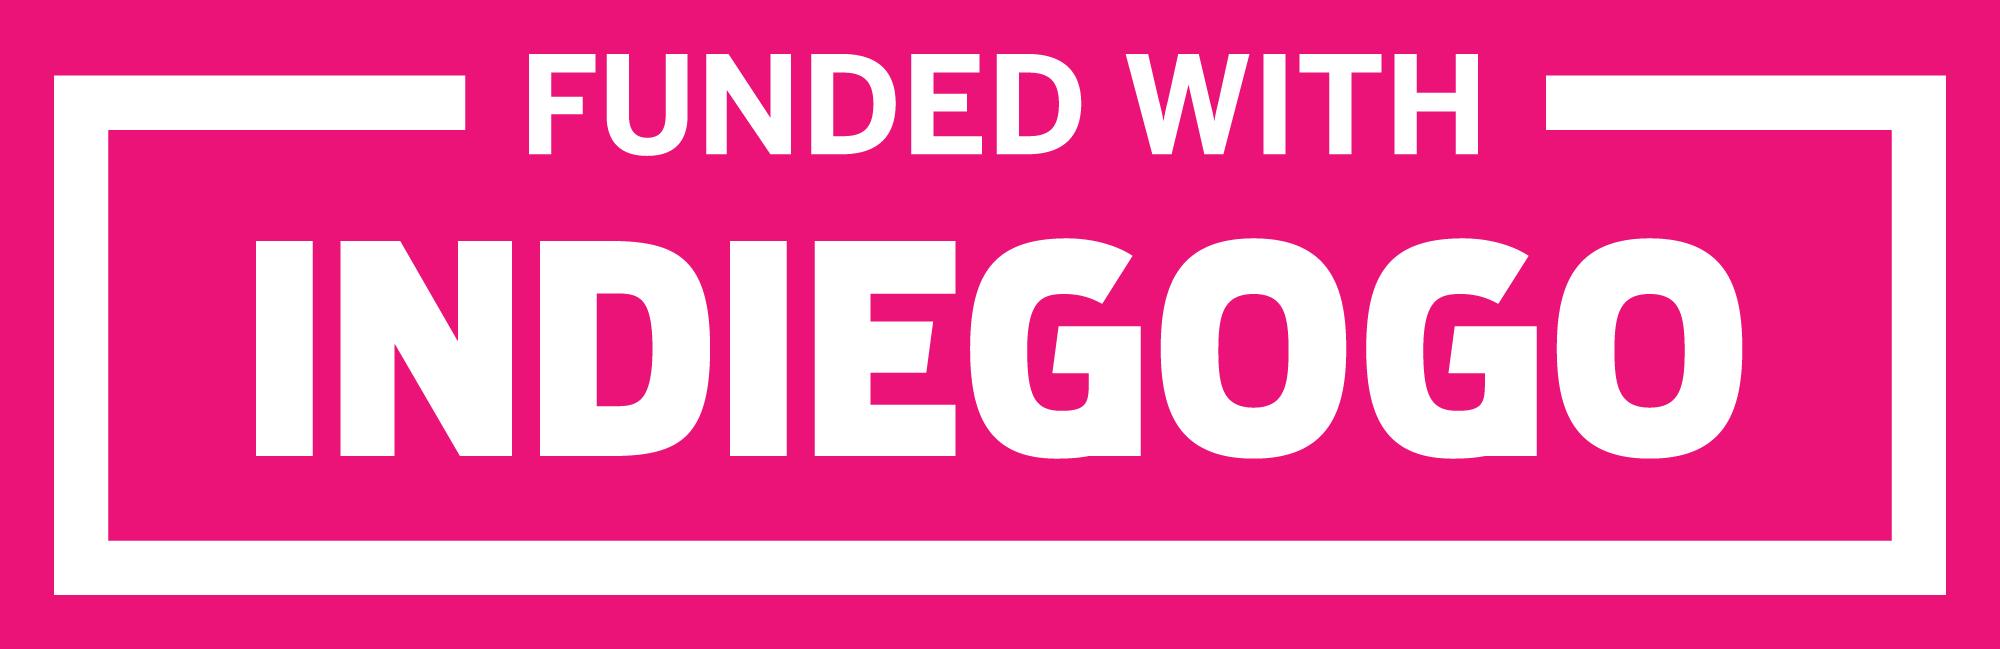 Indiegogo - Deeleconomie in Nederland